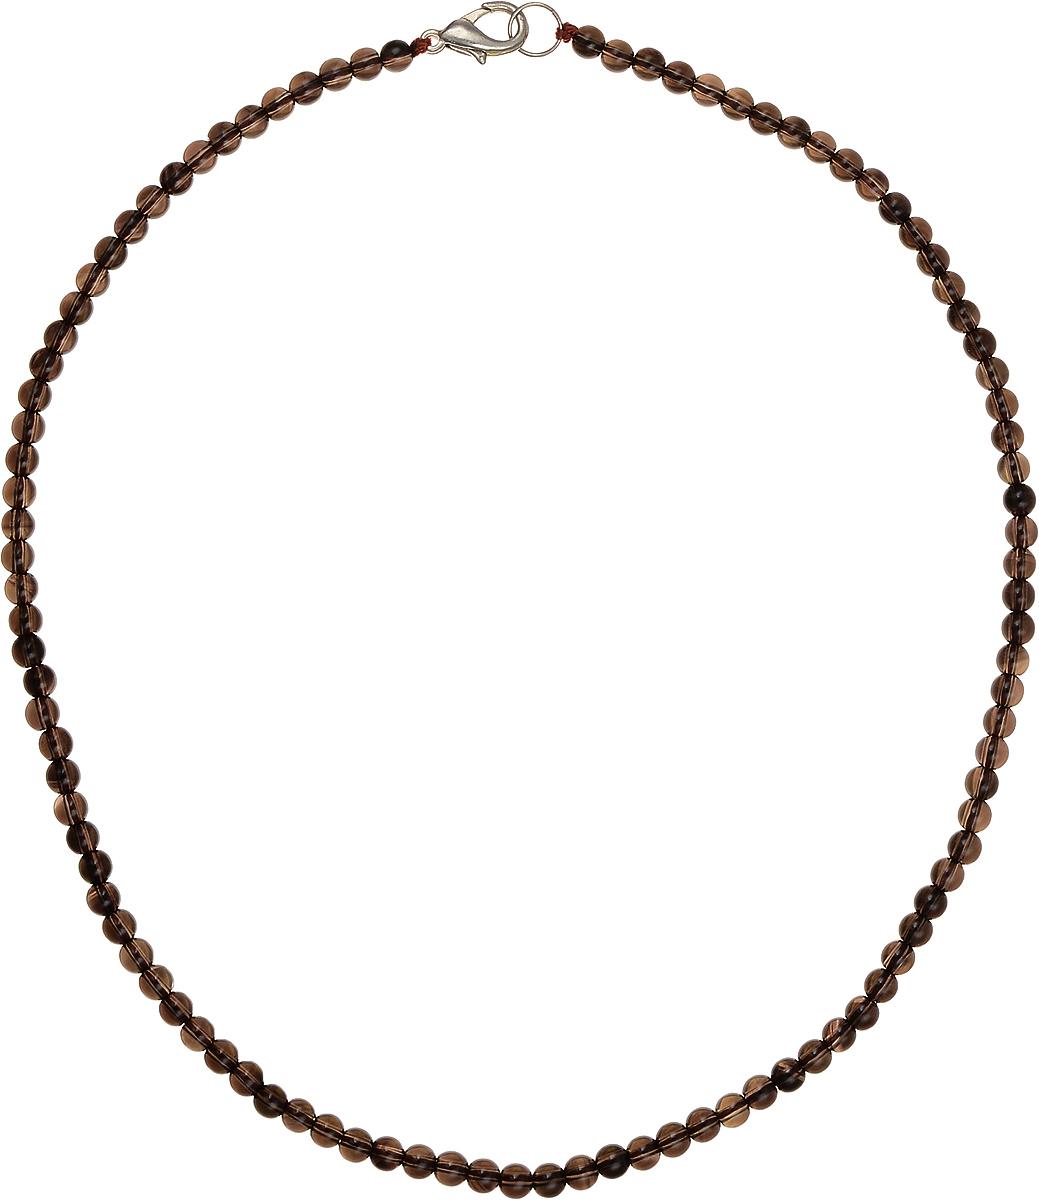 Бусы Art-Silver, цвет: коричневый, длина 40 см. РТ4-40-251РТ4-40-251Бусы Art-Silver подчеркнут изящество и непревзойденный вкус своей обладательницы. Они выполнены из бижутерного сплава и раухтопаза диаметром 4 мм. Изделие оснащено удобным замком-карабином. Раухтопаз (дымчатый кварц) является наиболее ценной разновидностью кварца и, по древним преданиям, выводит из организма негативную энергию, злобу и раздражение. Это один из самых «энергетических» темных камней. Минерал отличается необычной природной окраской, обладает особой утончённой эстетикой и аурой. Украшения с раухтопазами всегда смотрятся респектабельно и элегантно.